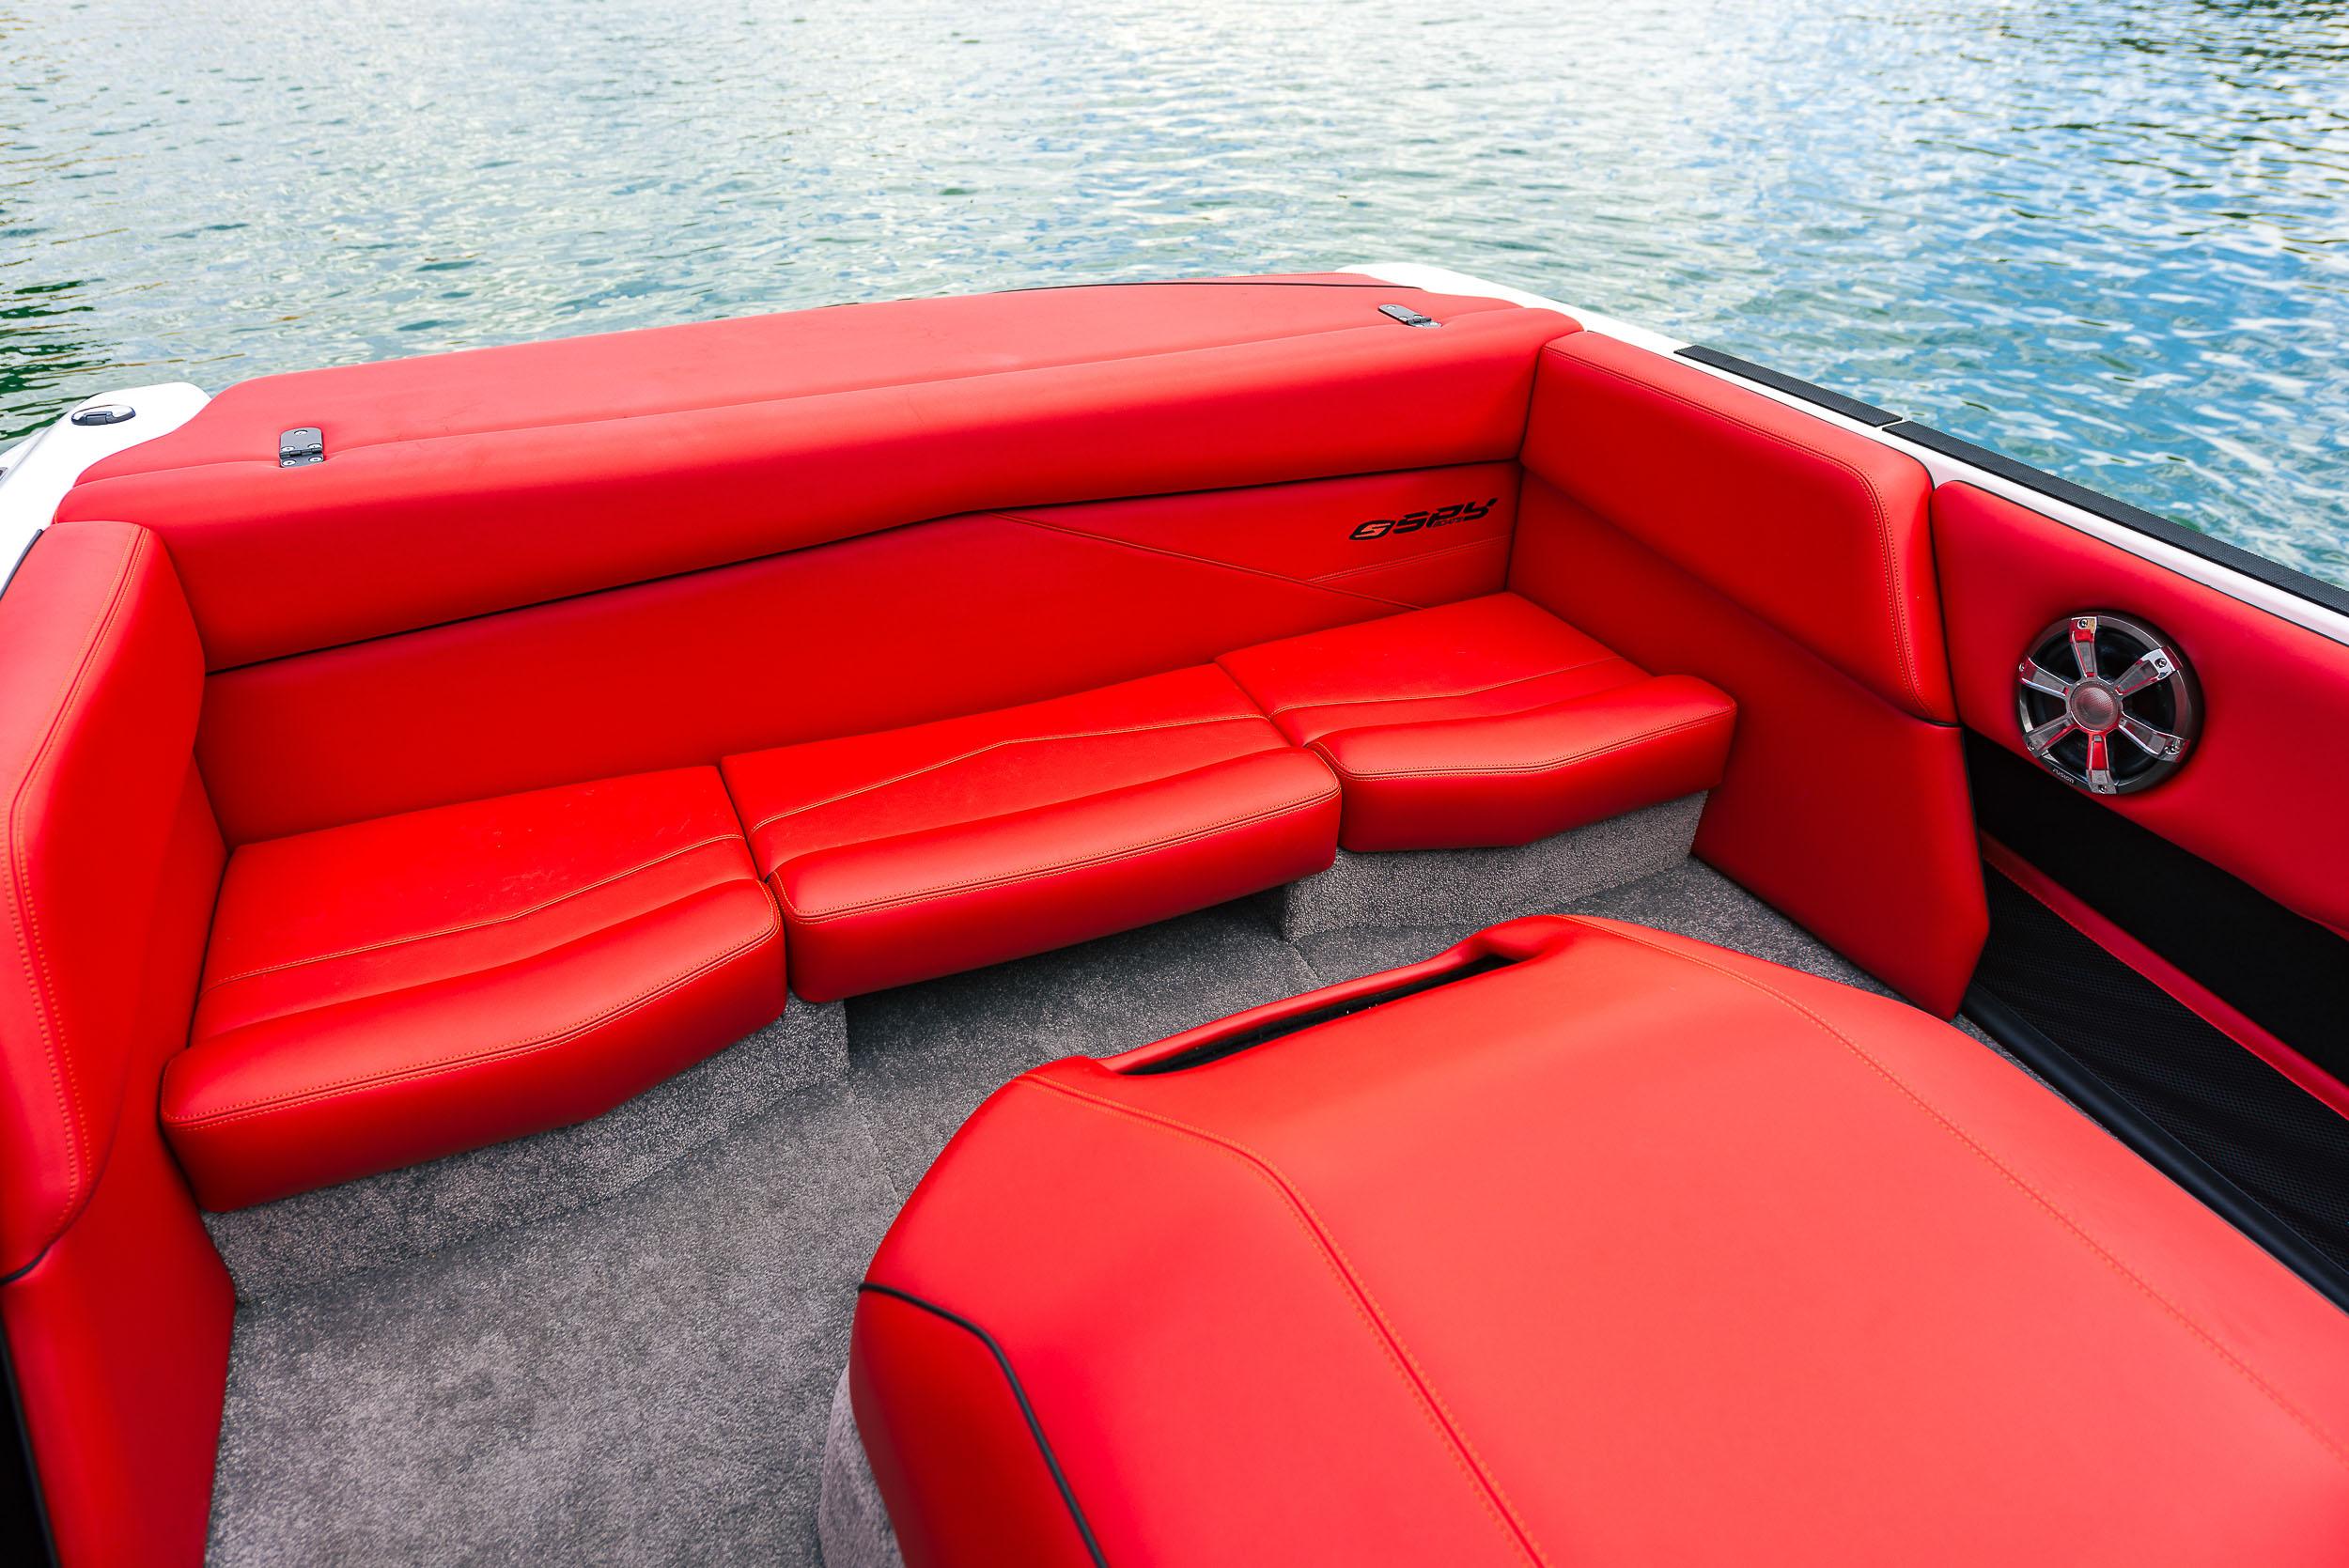 Spy_Boats_TS22-26.jpg